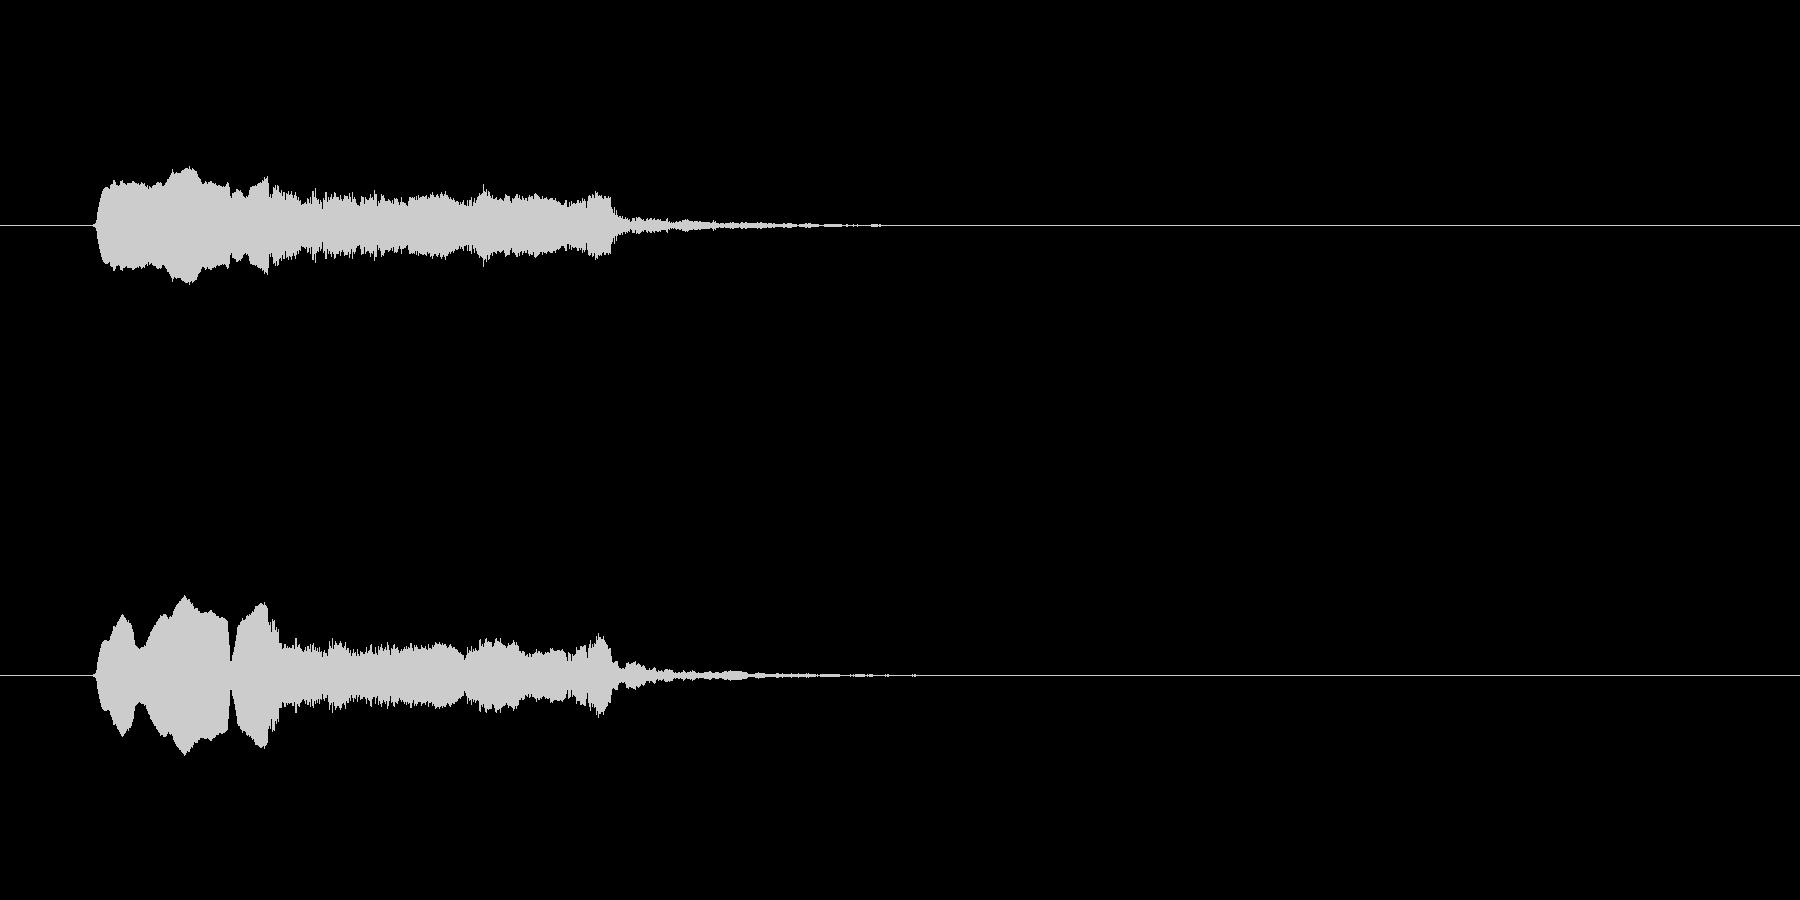 木製パイプ、「オリエント/エキゾチ...の未再生の波形